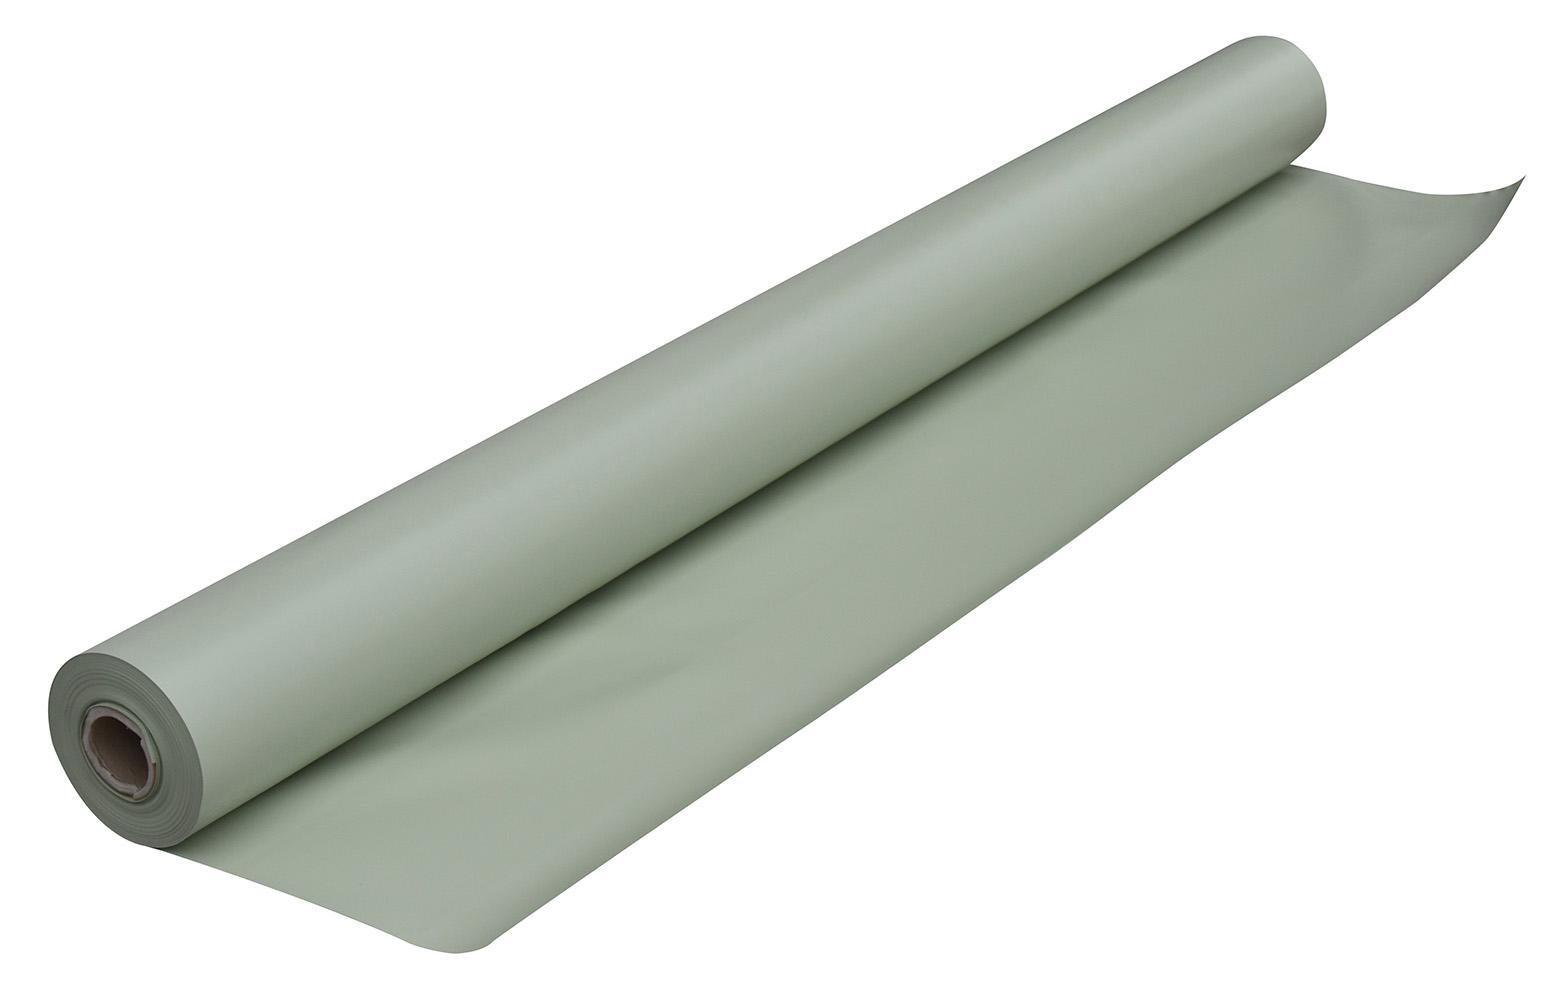 Fólie z PVC-P ALKORPLAN 35052 pro nádrže s pitnou vodou 1,5 mm